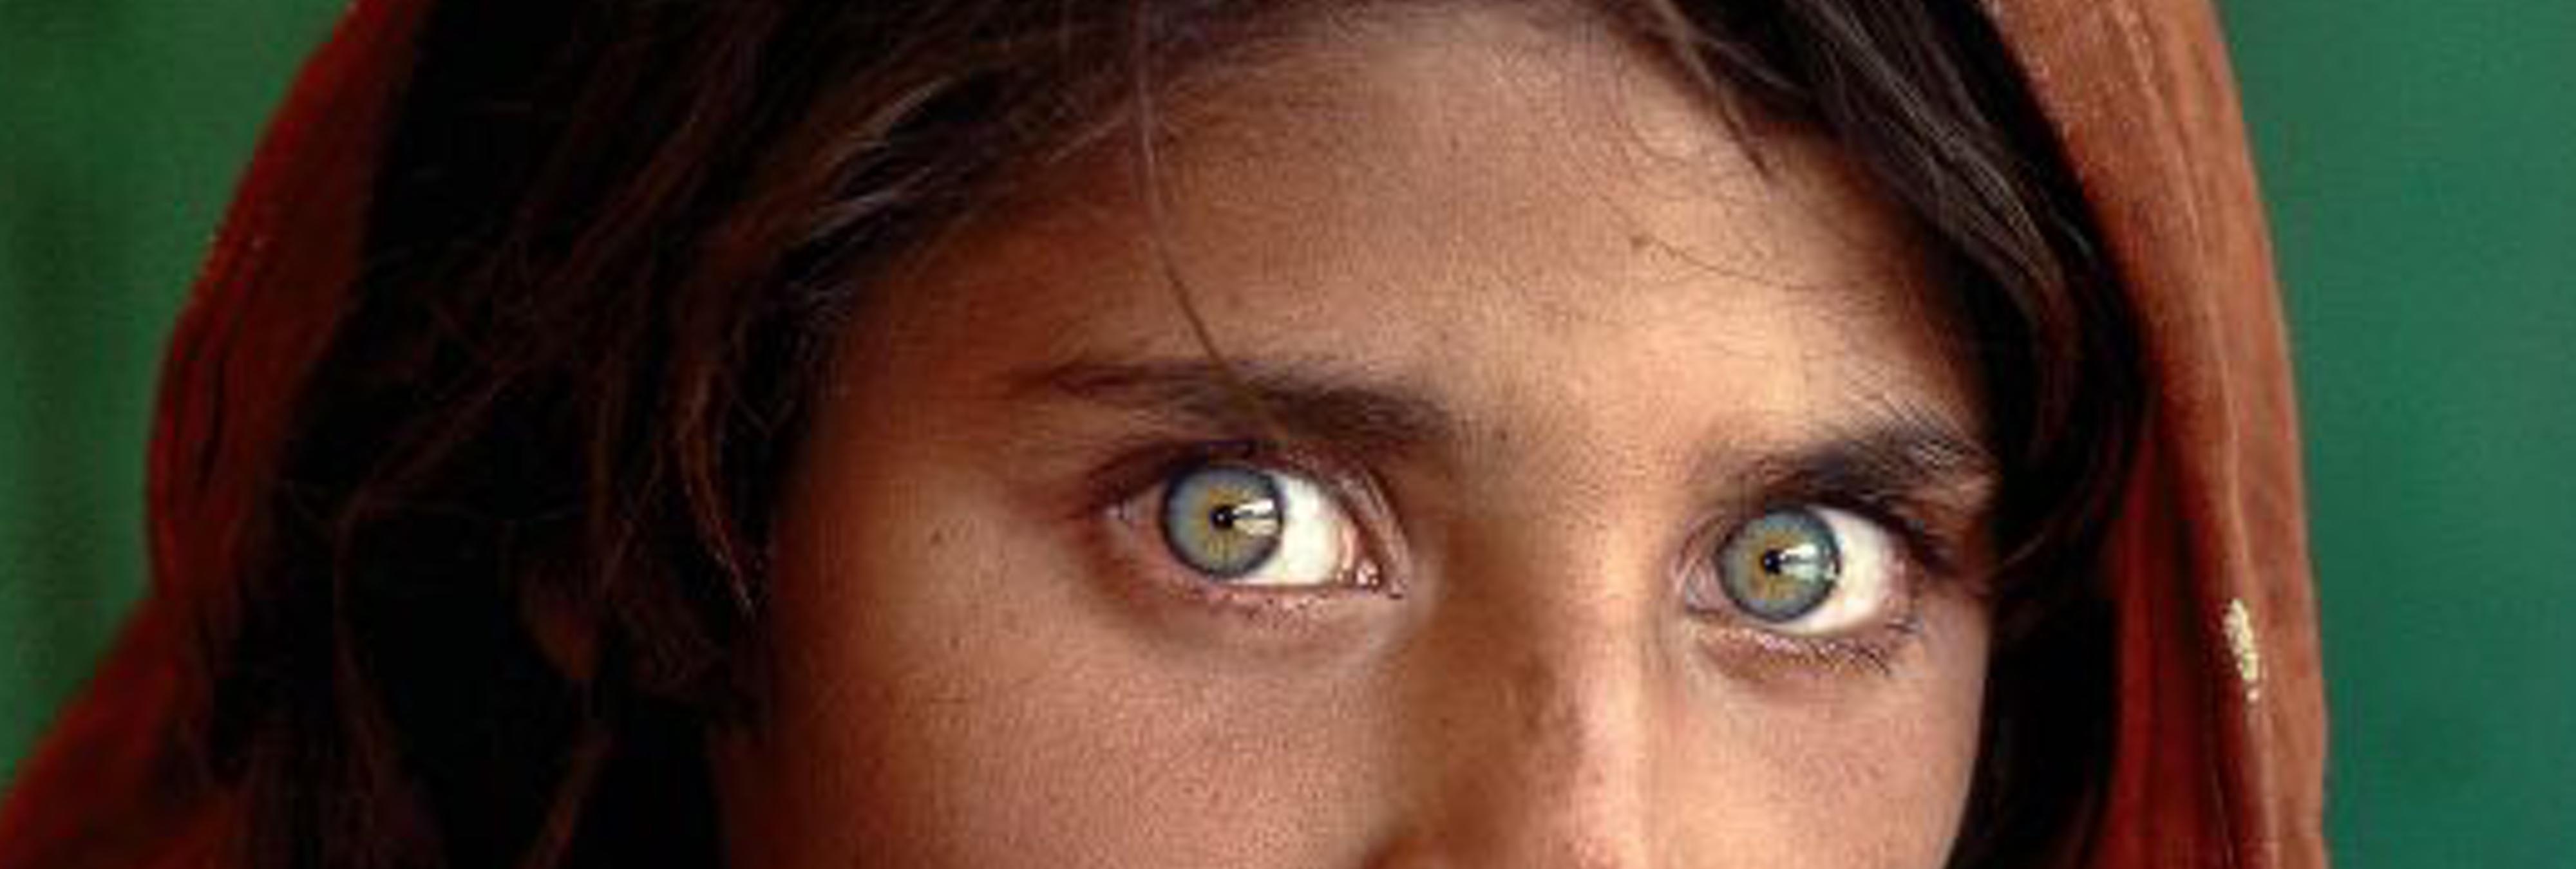 Detienen a la niña afgana portada de National Geographic